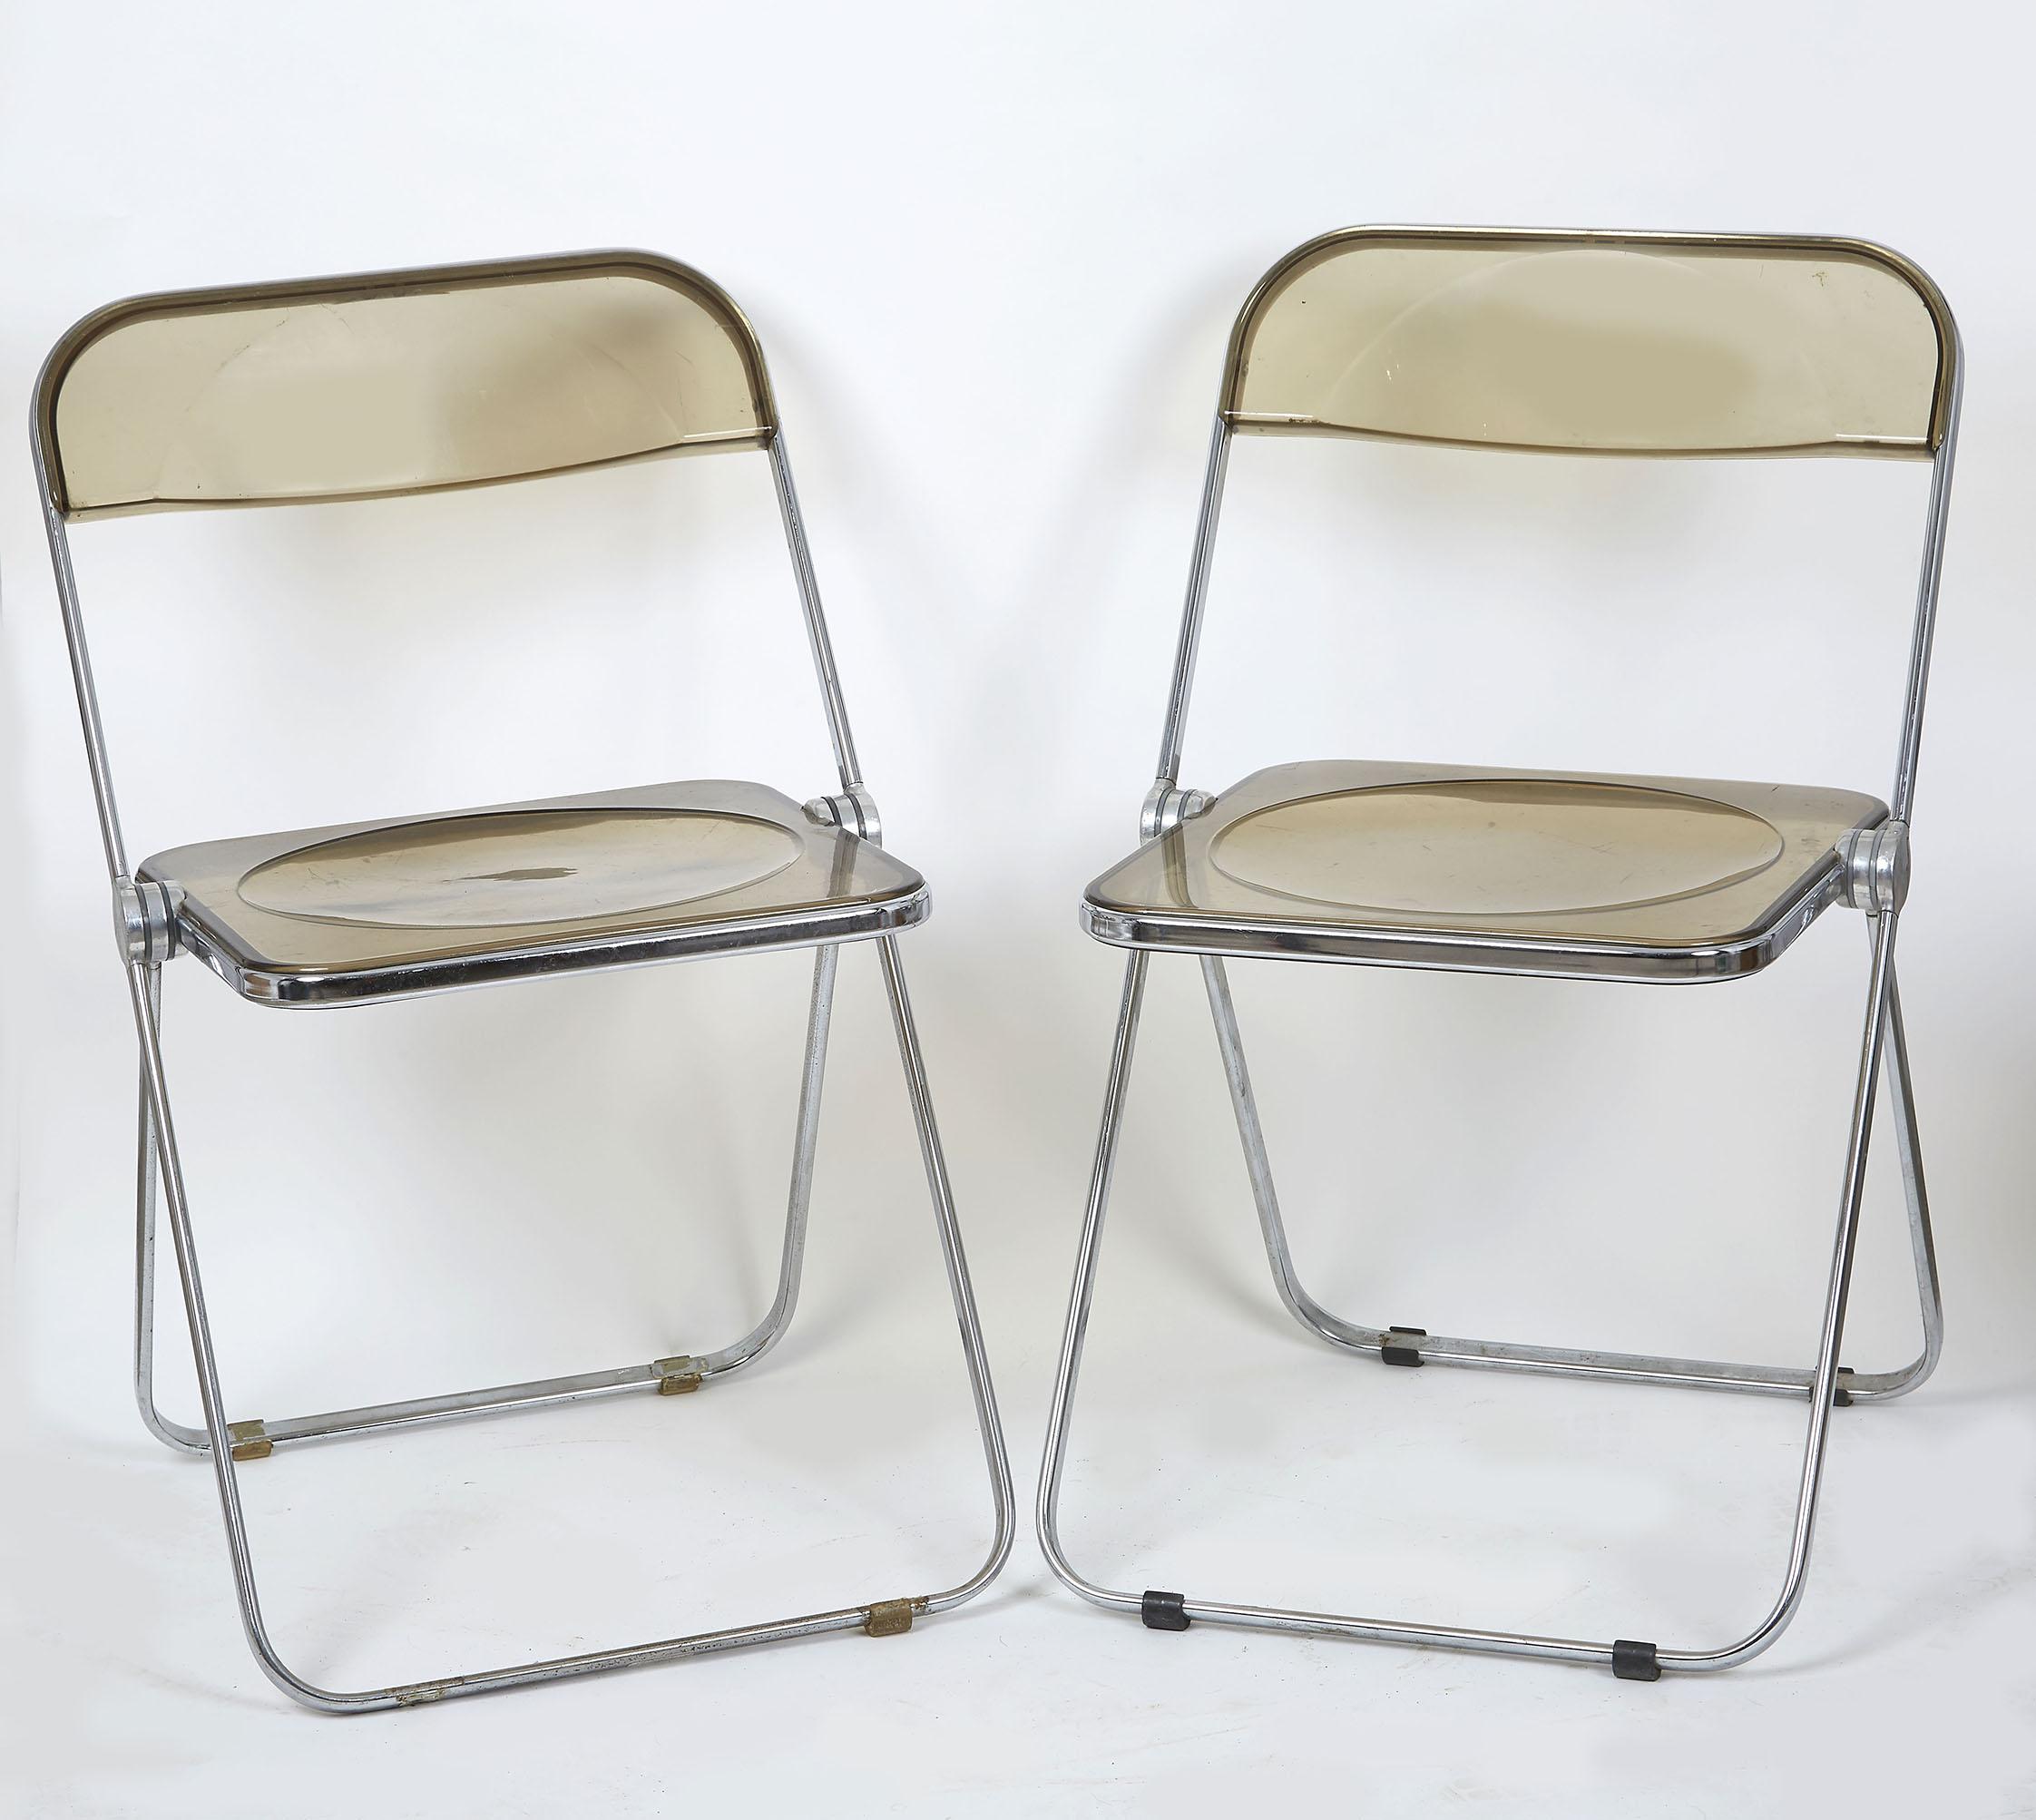 deux chaises pliantes plia castelli en plexiglas fume et metal chrome 73 x 47 x art contemporain et design a tradart deauville tradart deauville